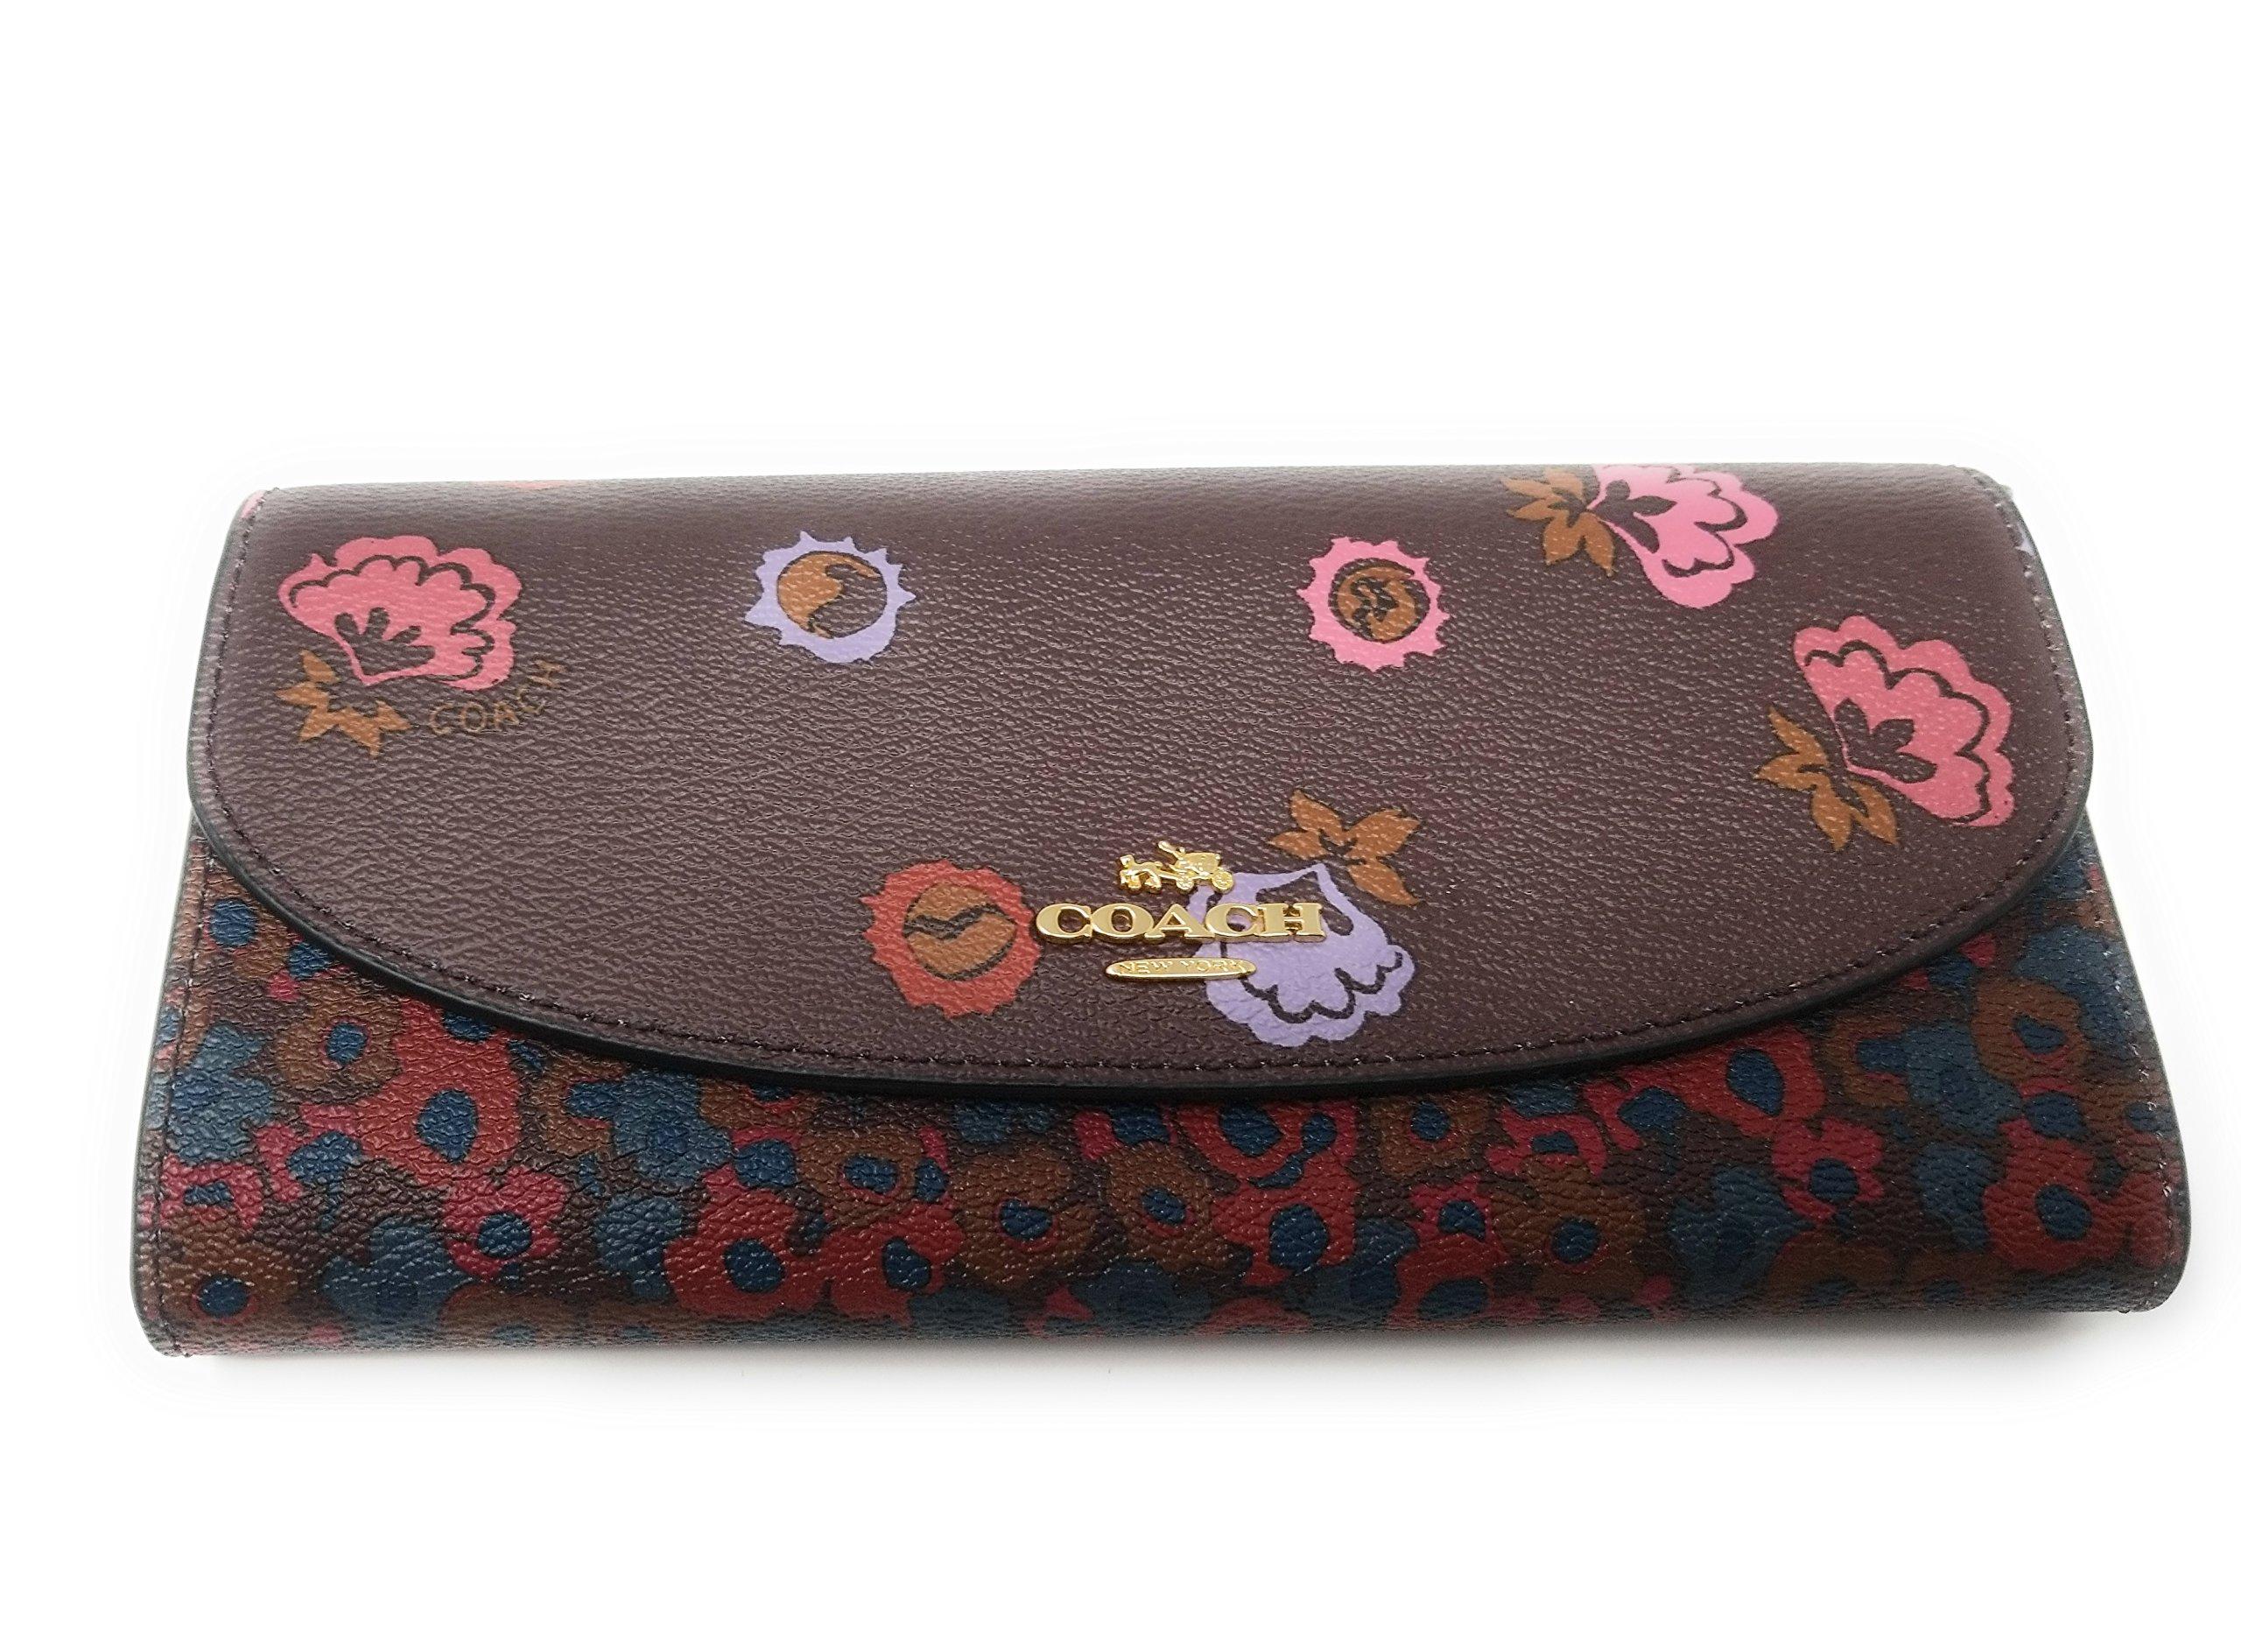 COACH Crossgrain Leather Floral Printed Slim Envelope Wallet (Ox Blood Multi)